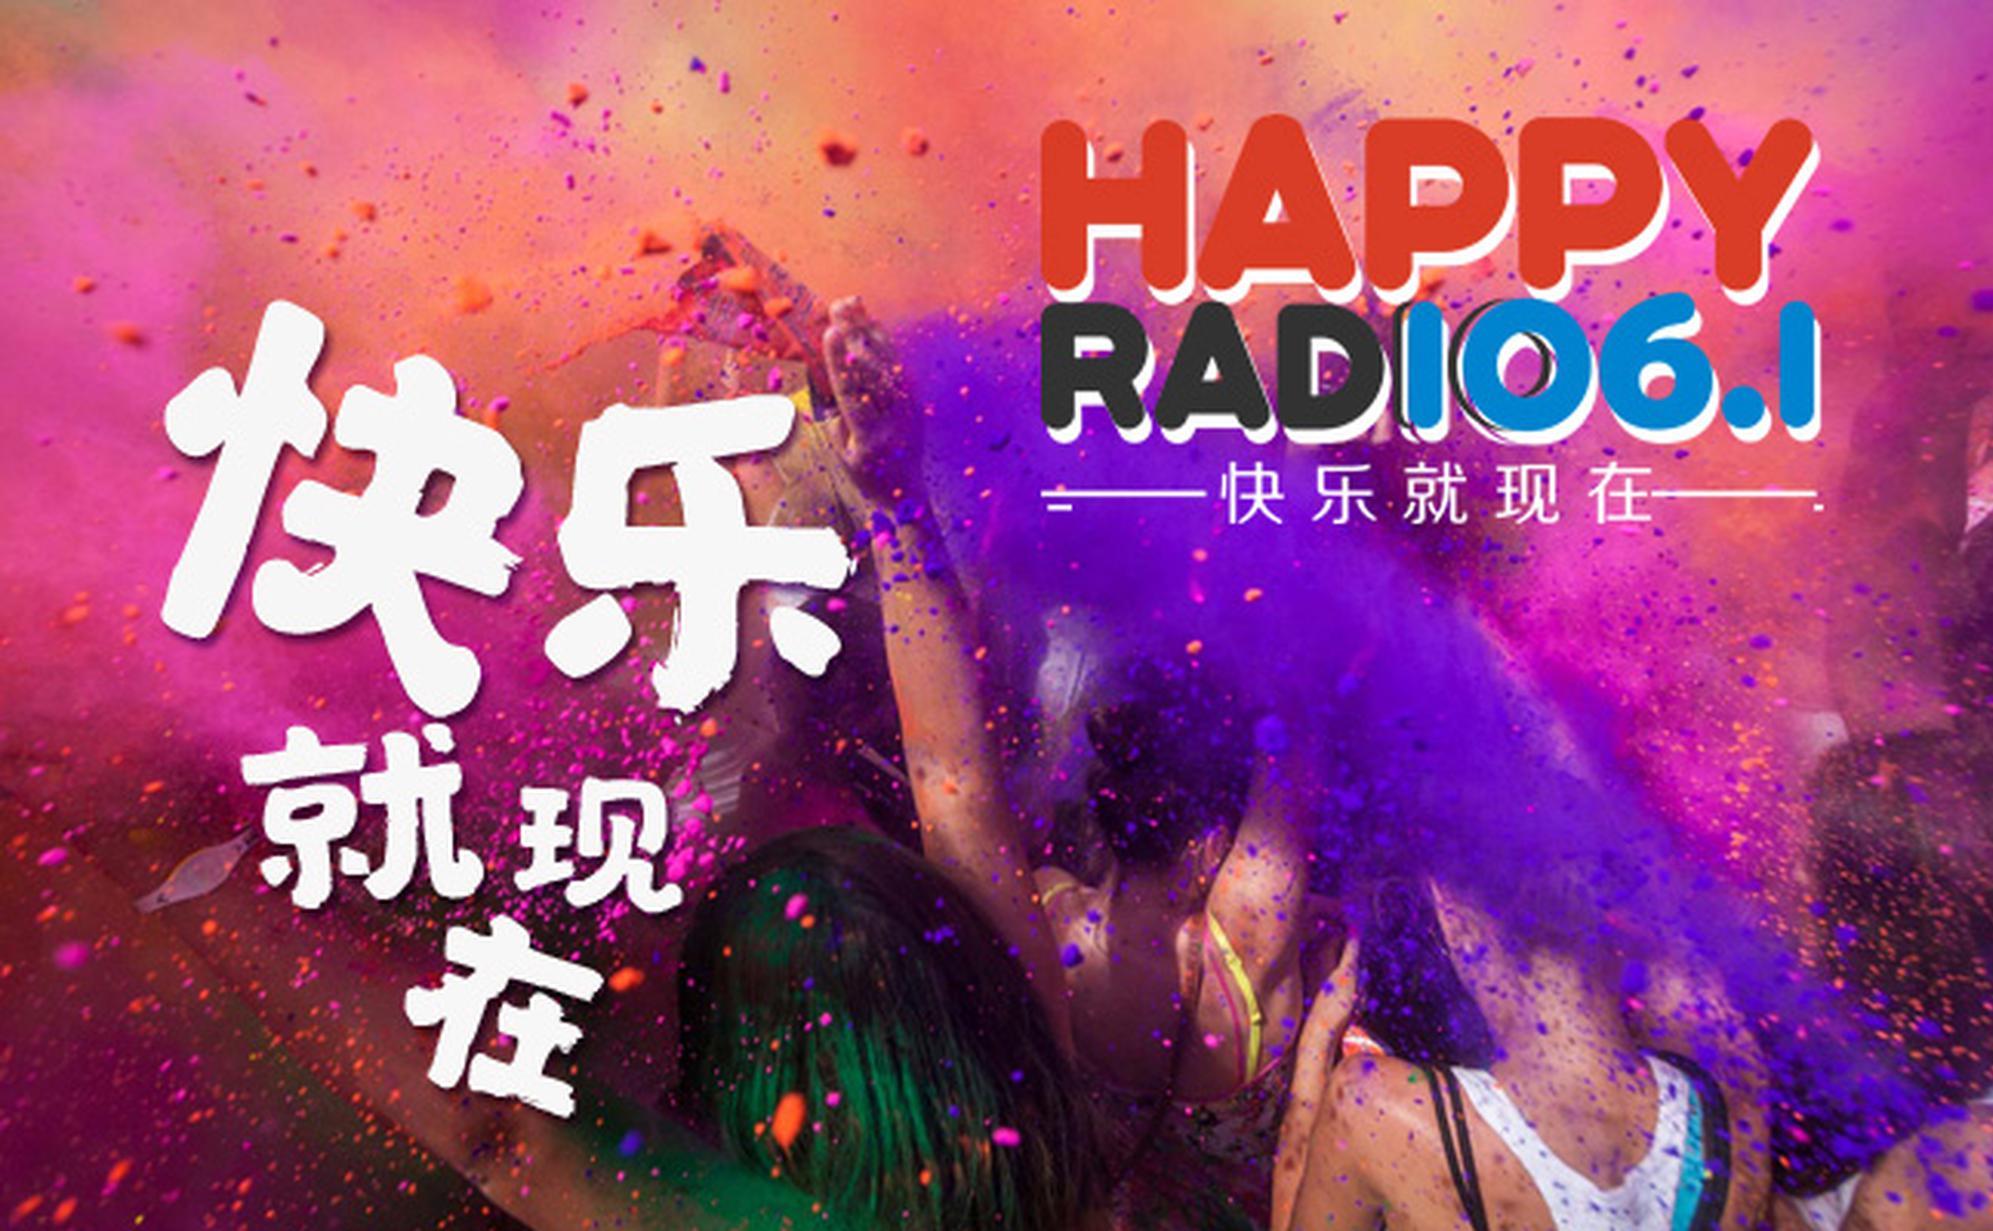 快乐就现在happyradio106.1